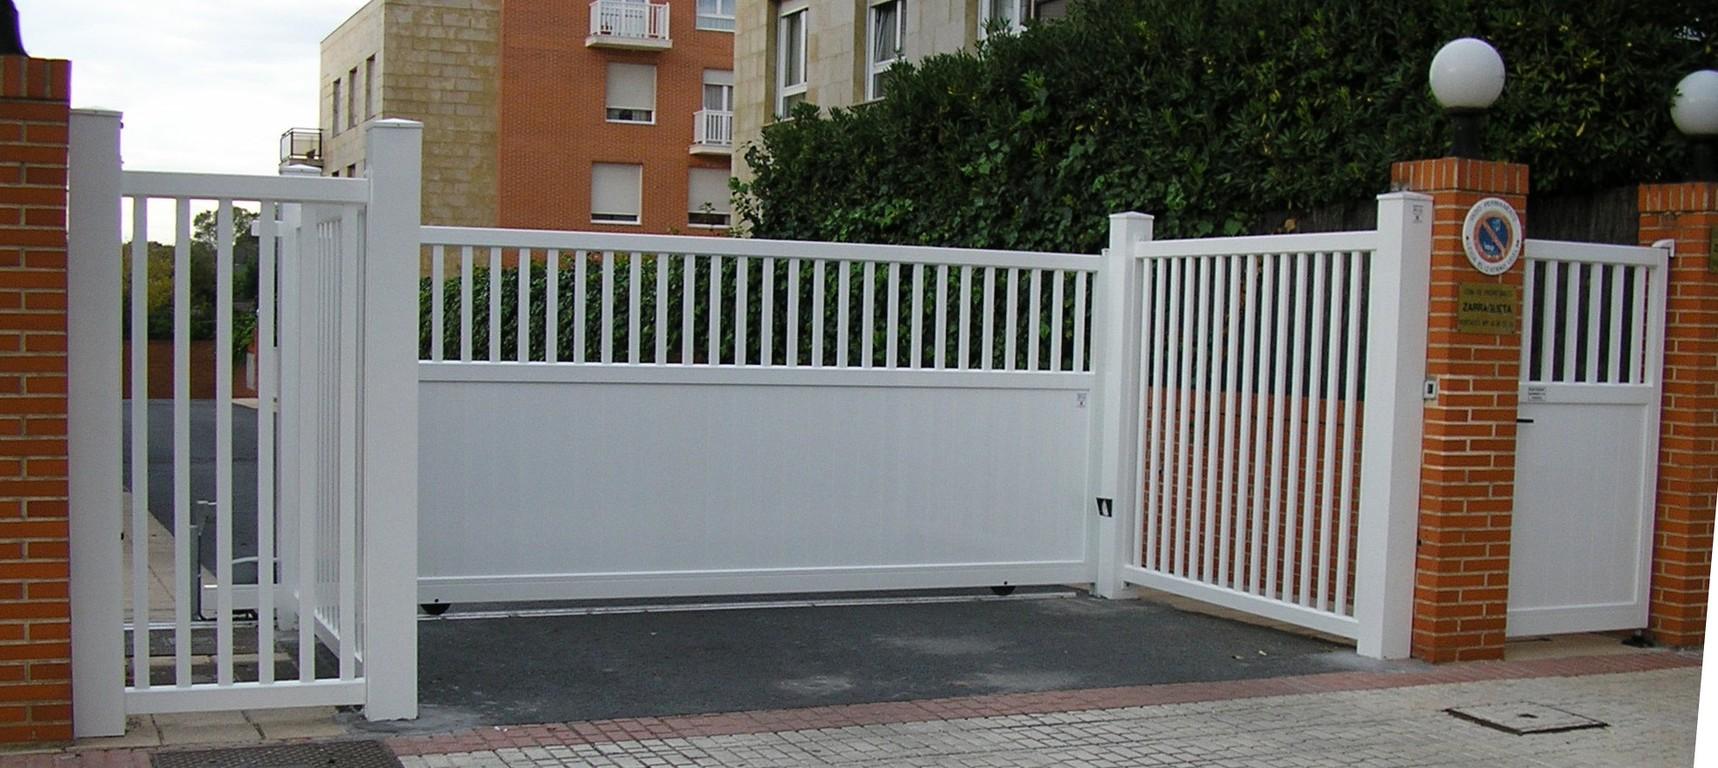 Puertas De Jard N Seccionales Aluminios No In Gar S ~ Puertas De Exterior De Aluminio Precios